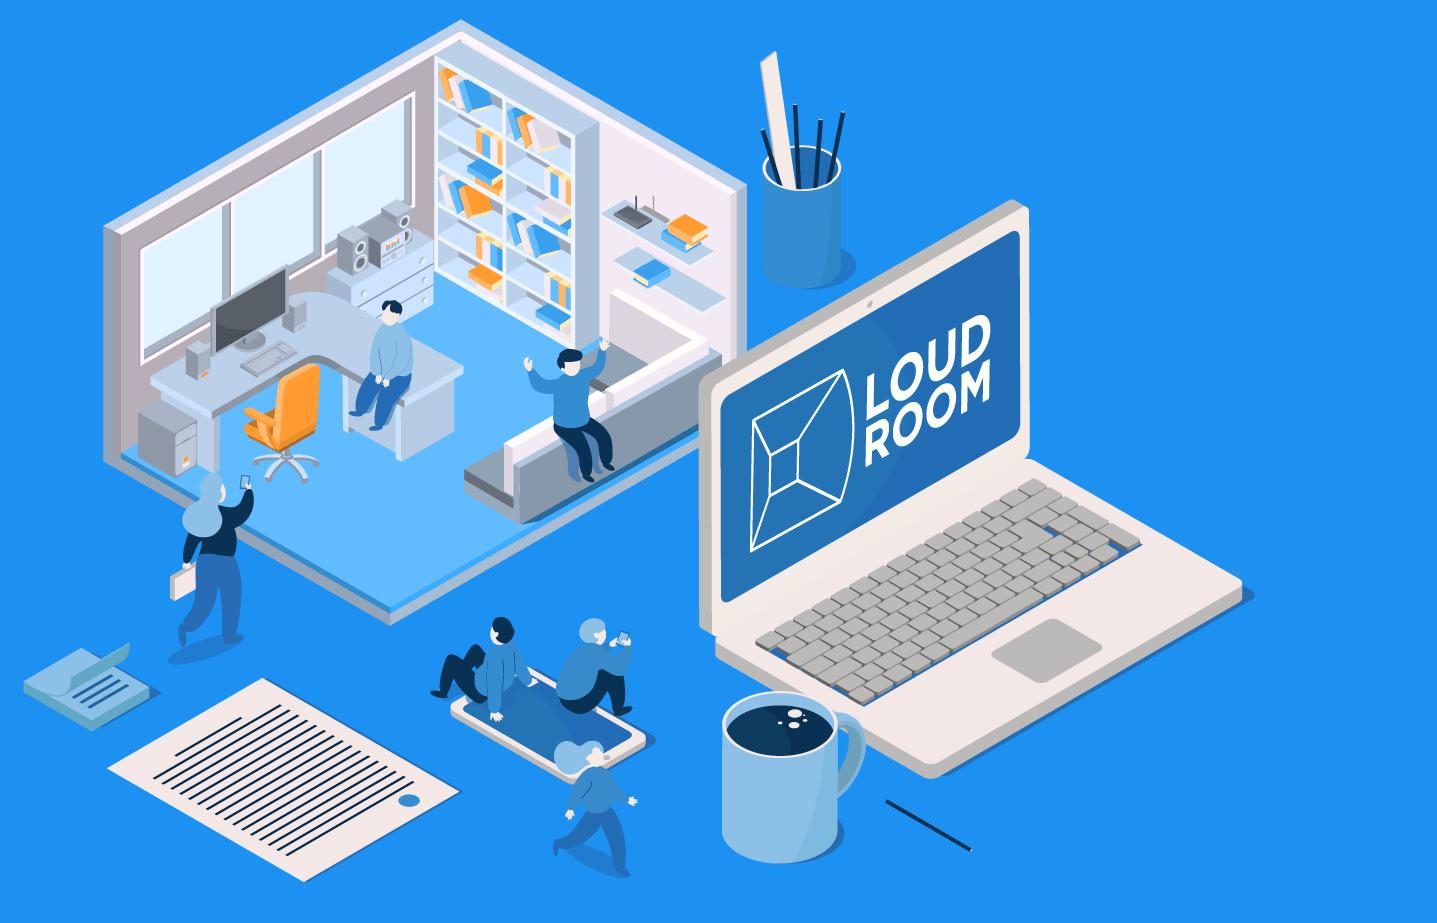 computador y oficina